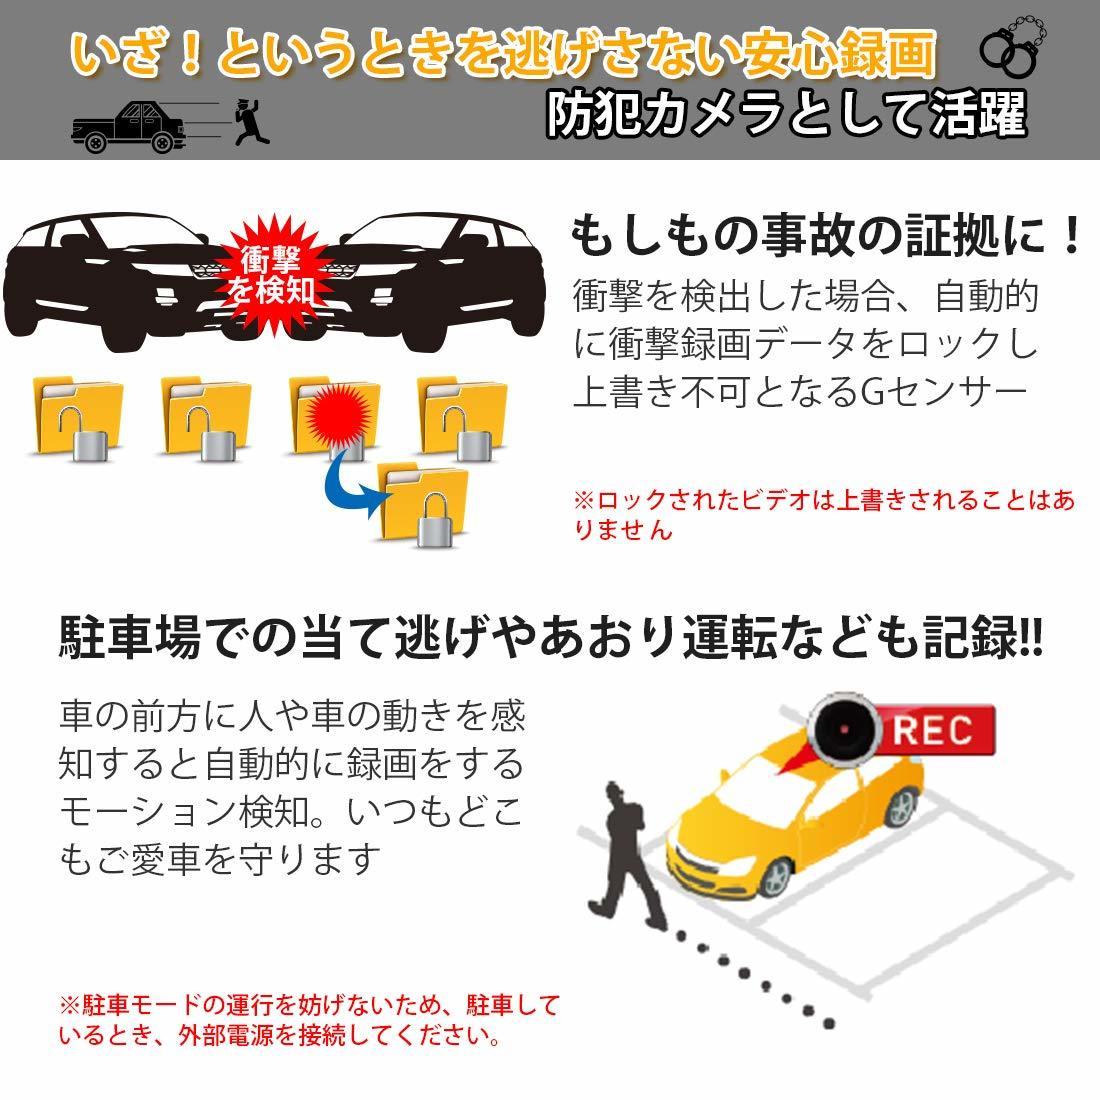 送料無料 32GB SDカード付 ドライブレコーダー G1013 タッチパネル9.66インチ ミラー型 前後カメラ LED信号機対応フルHD 日本製説明書 新品_画像7